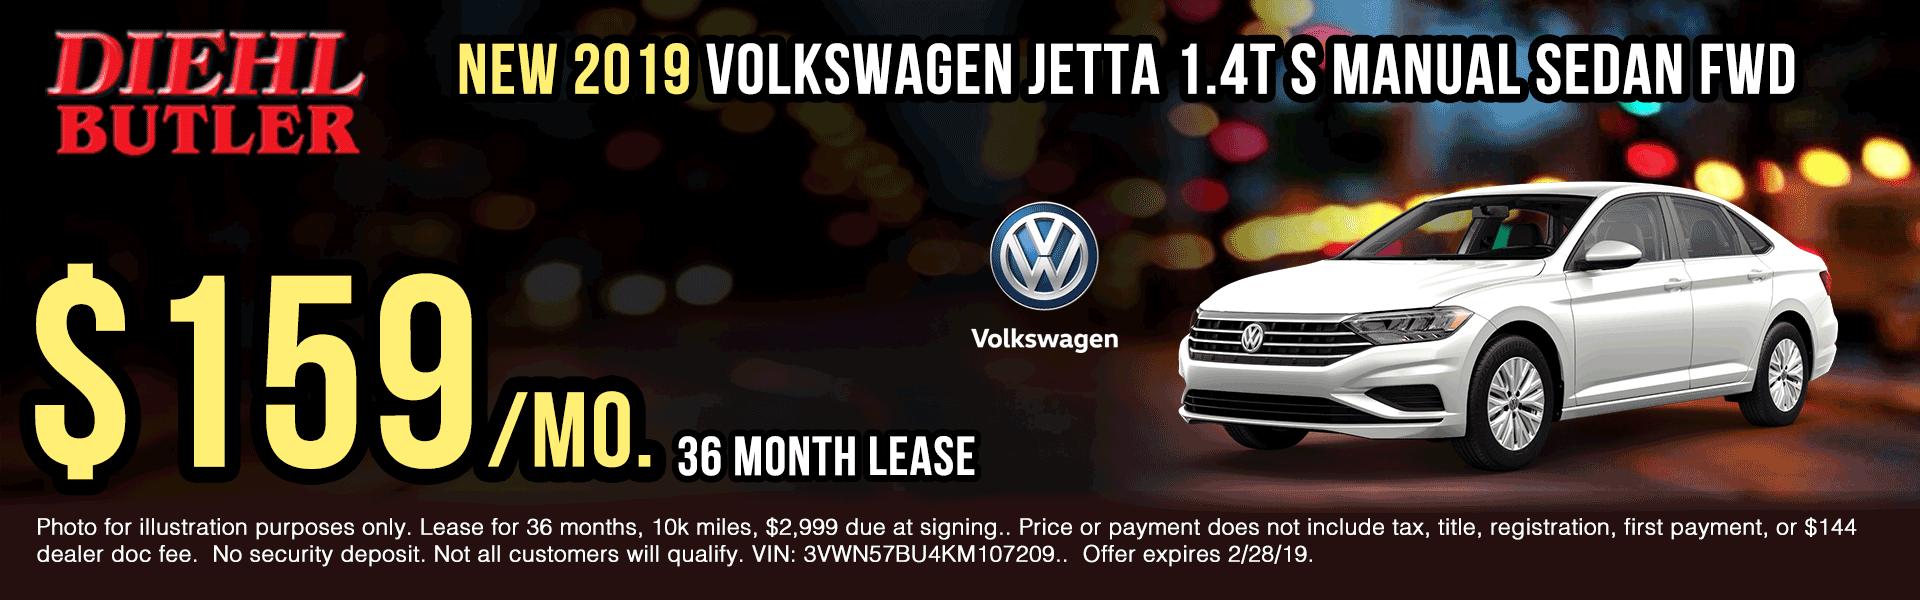 Diehl volkswagen of butler. New, used, body shop, parts, accessories. New 2019 Volkswagen Jetta 1.4T S FWD 4D Sedan